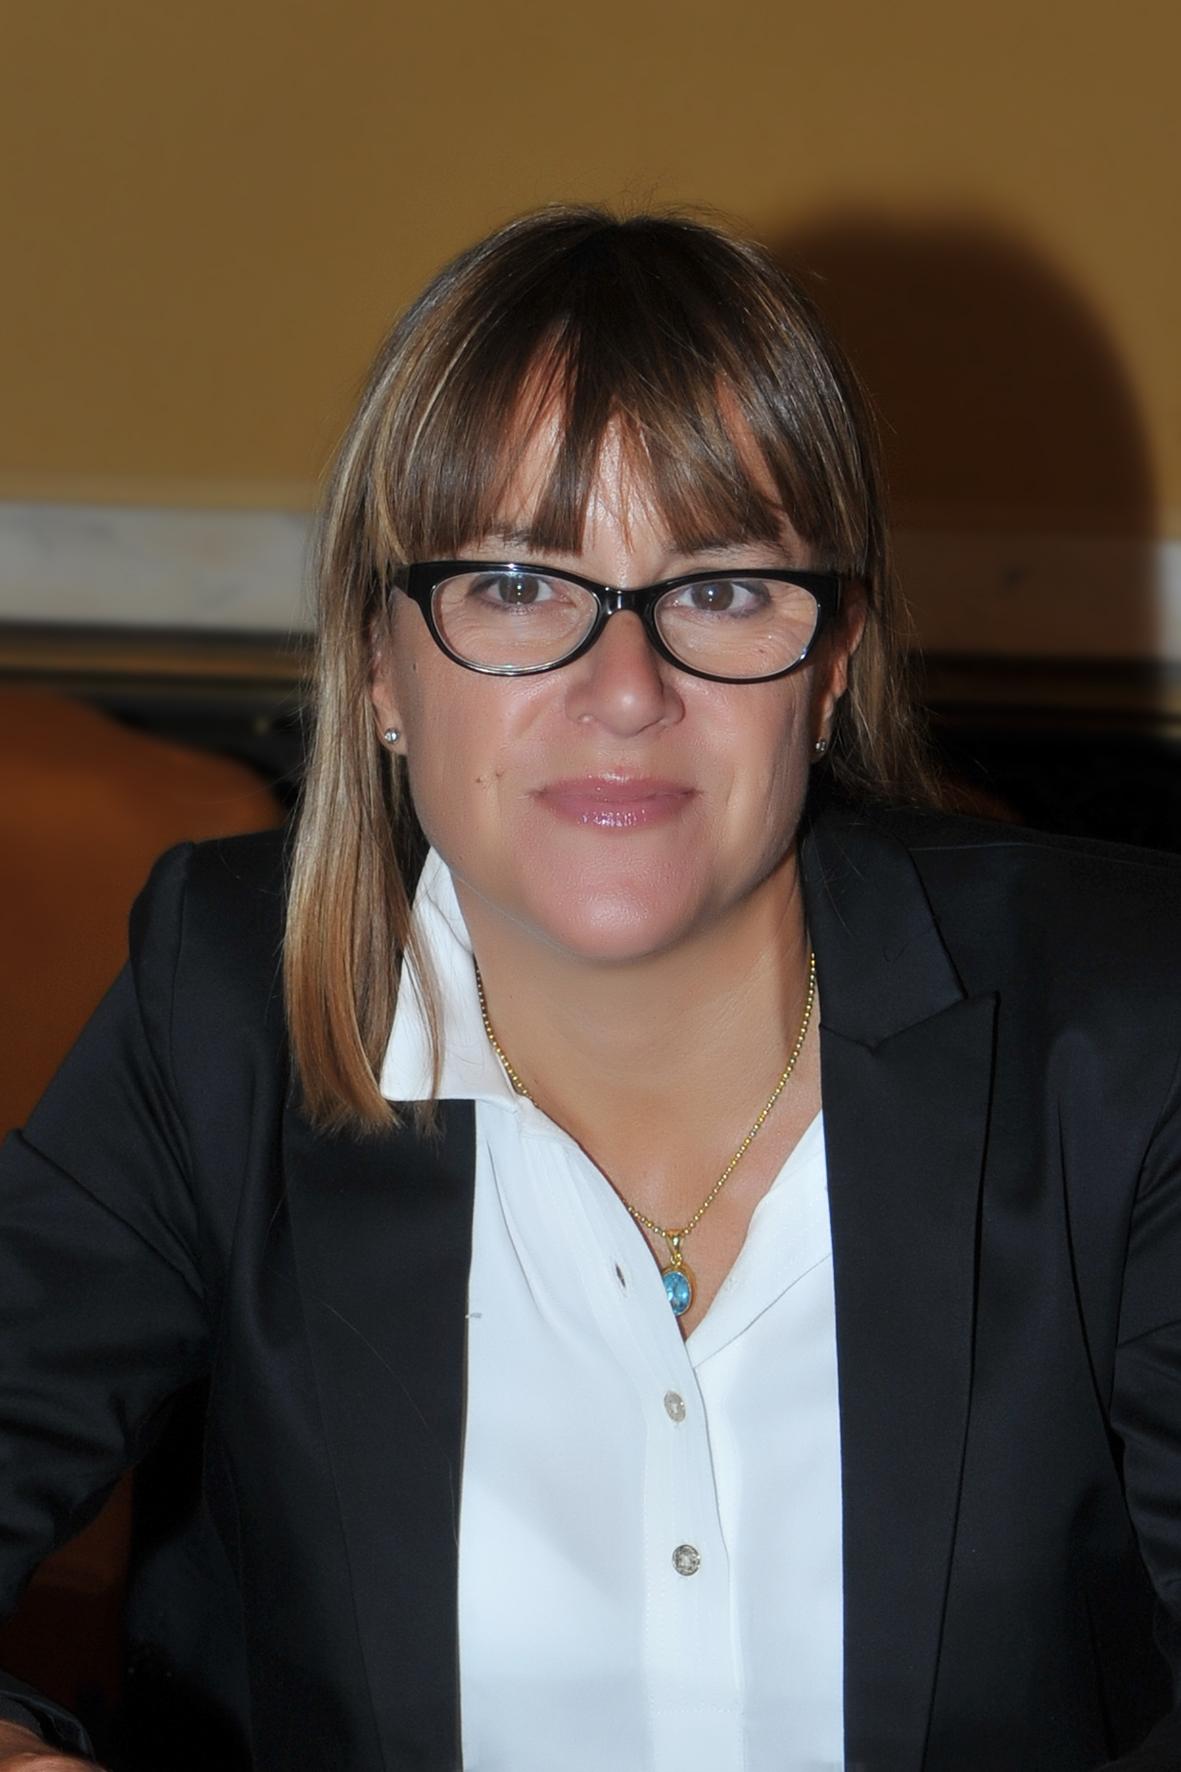 Ghio Valentina